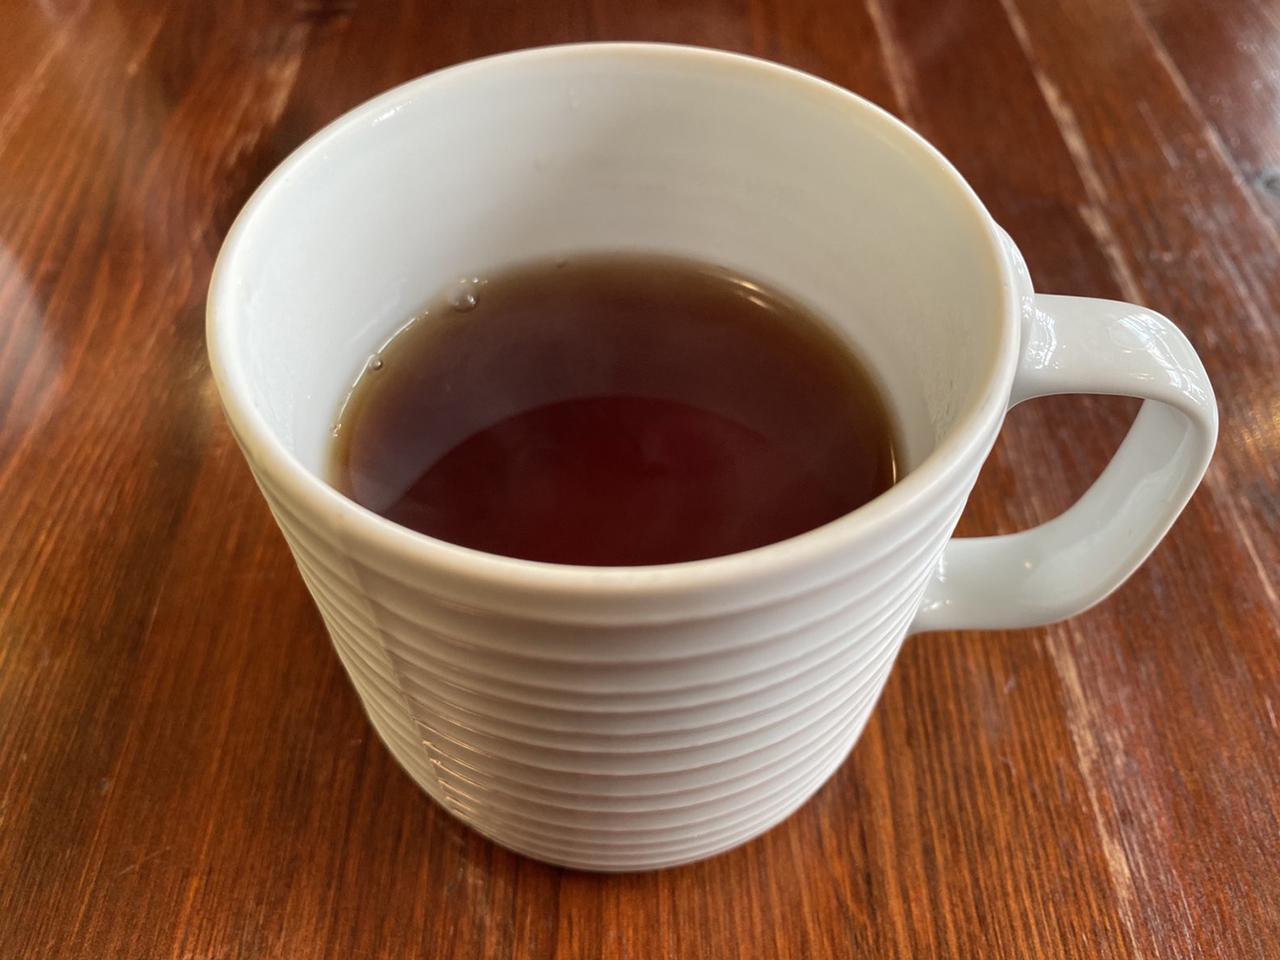 ランチセットの紅茶の写真